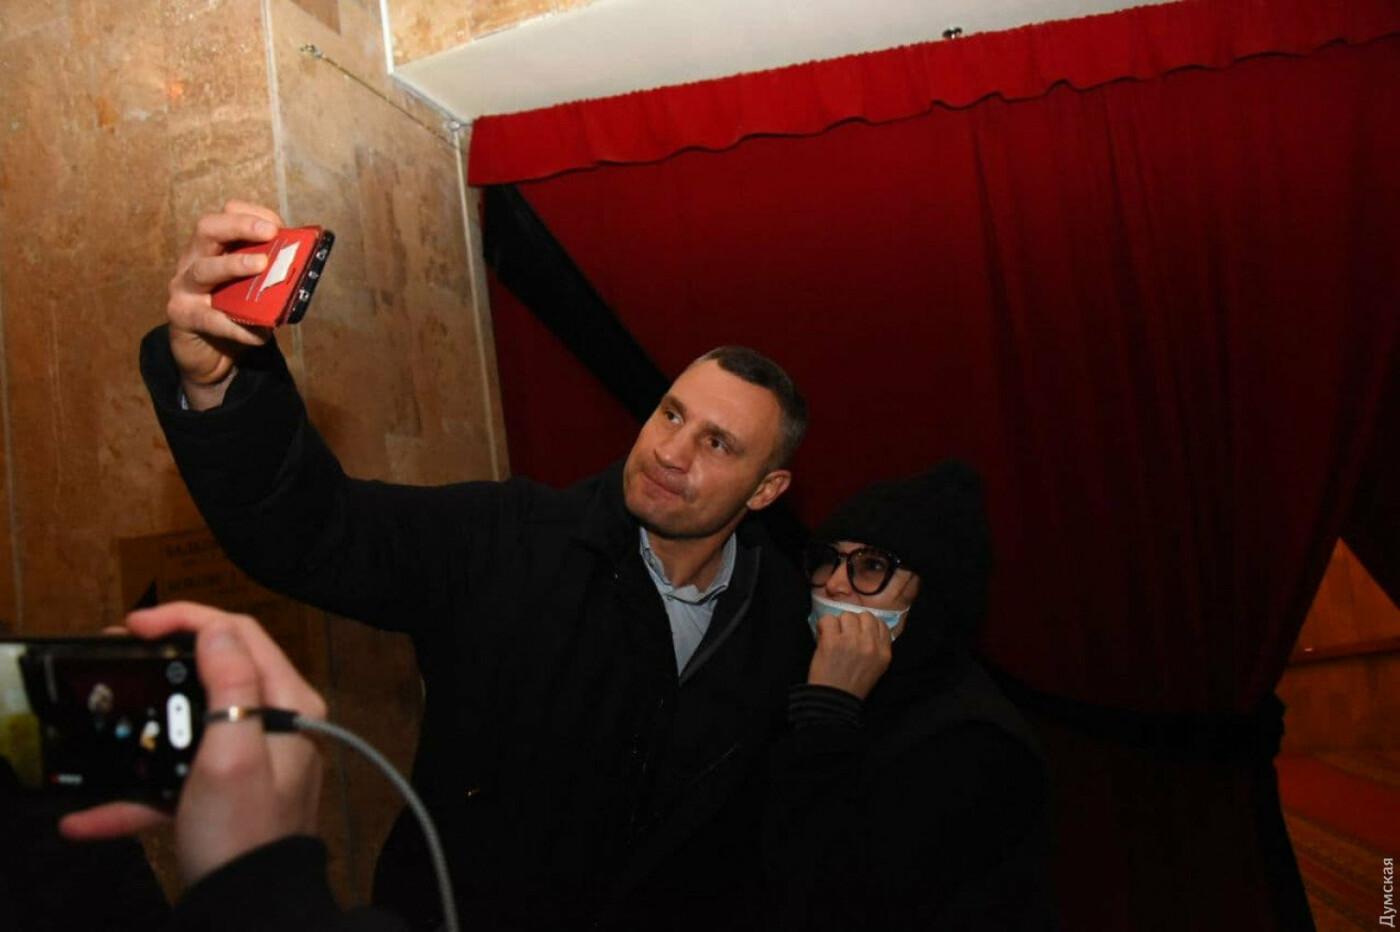 Кличко делал селфи с поклонницей на похоронах Кернеса в Харькове, Фото: Думская